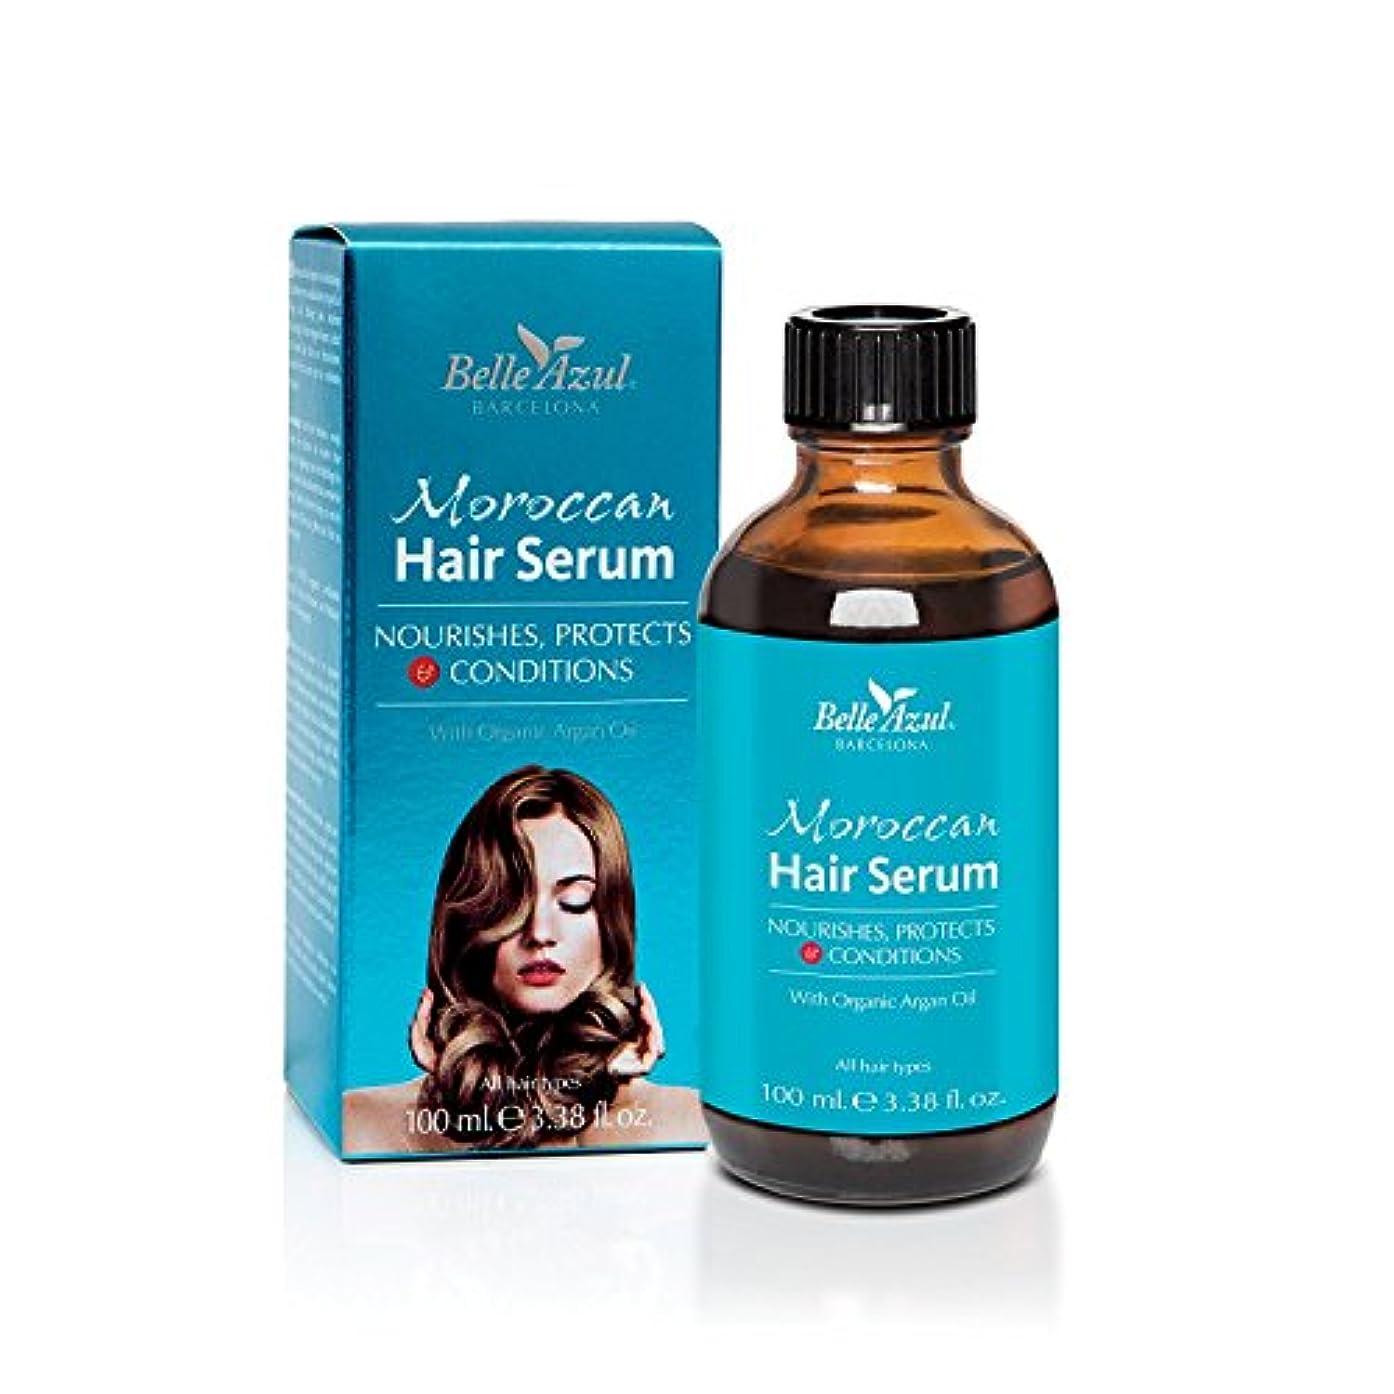 ダイエット非常に想像力ベルアスール (Belle Azul) モロッカン ヘア セラム 髪用 美容液 アルガンオイル 配合